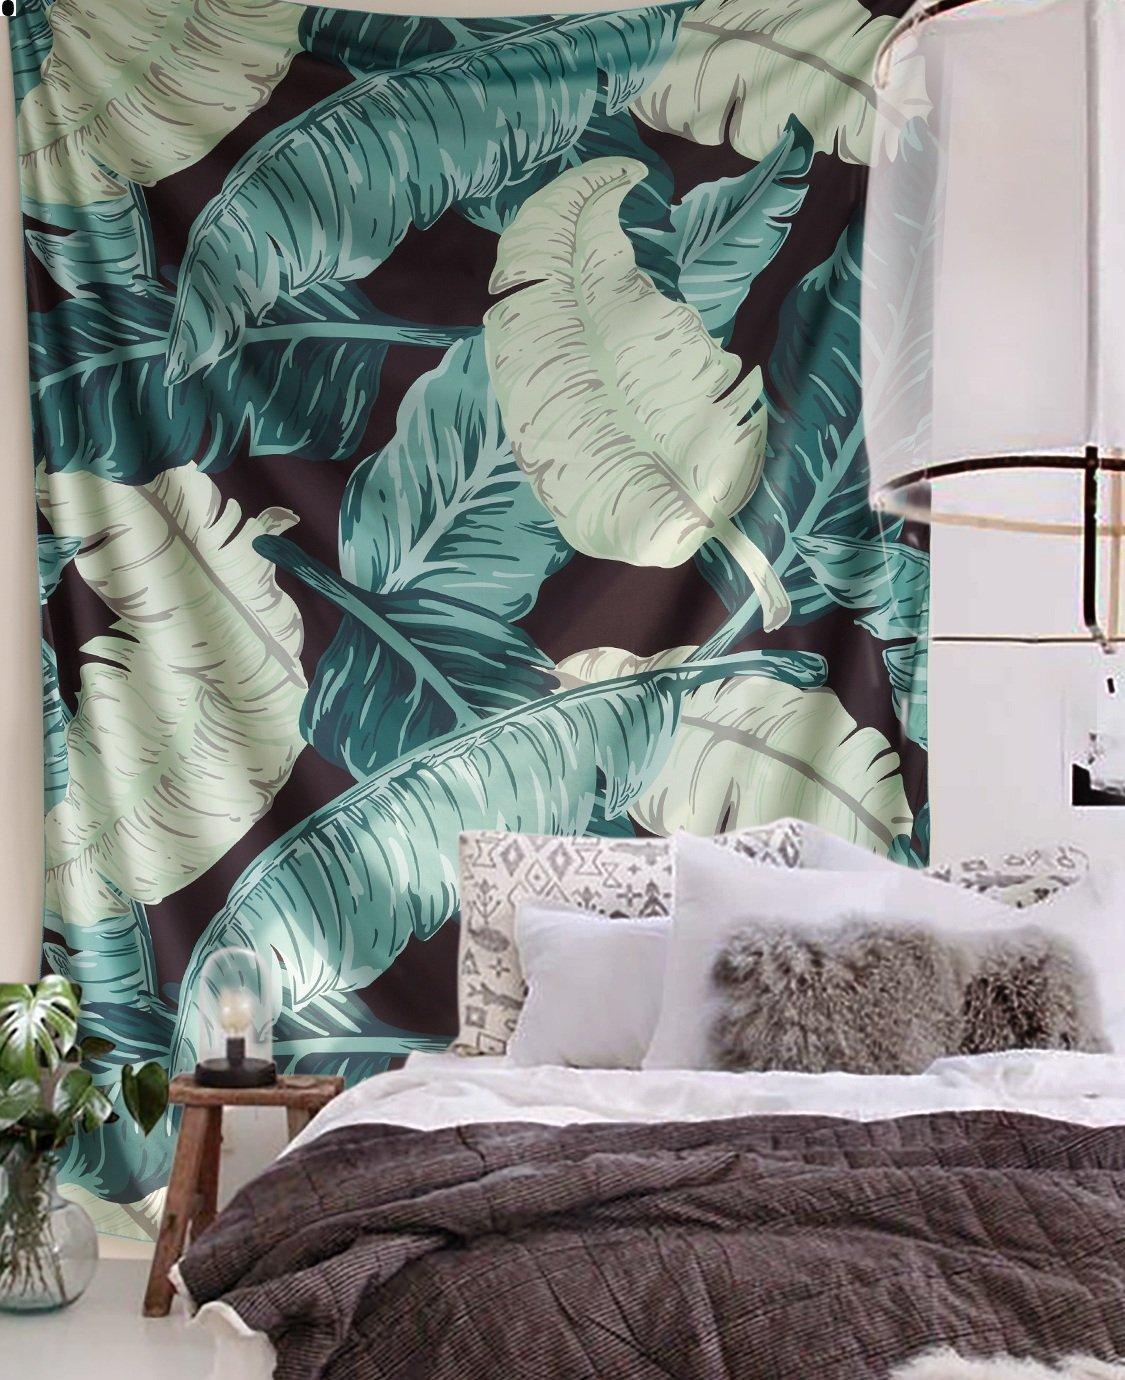 Tấm thảm trang trí Bắc Âu treo tường vải phòng khách treo tường phòng ngủ treo ảnh nền vải treo tường - Tapestry